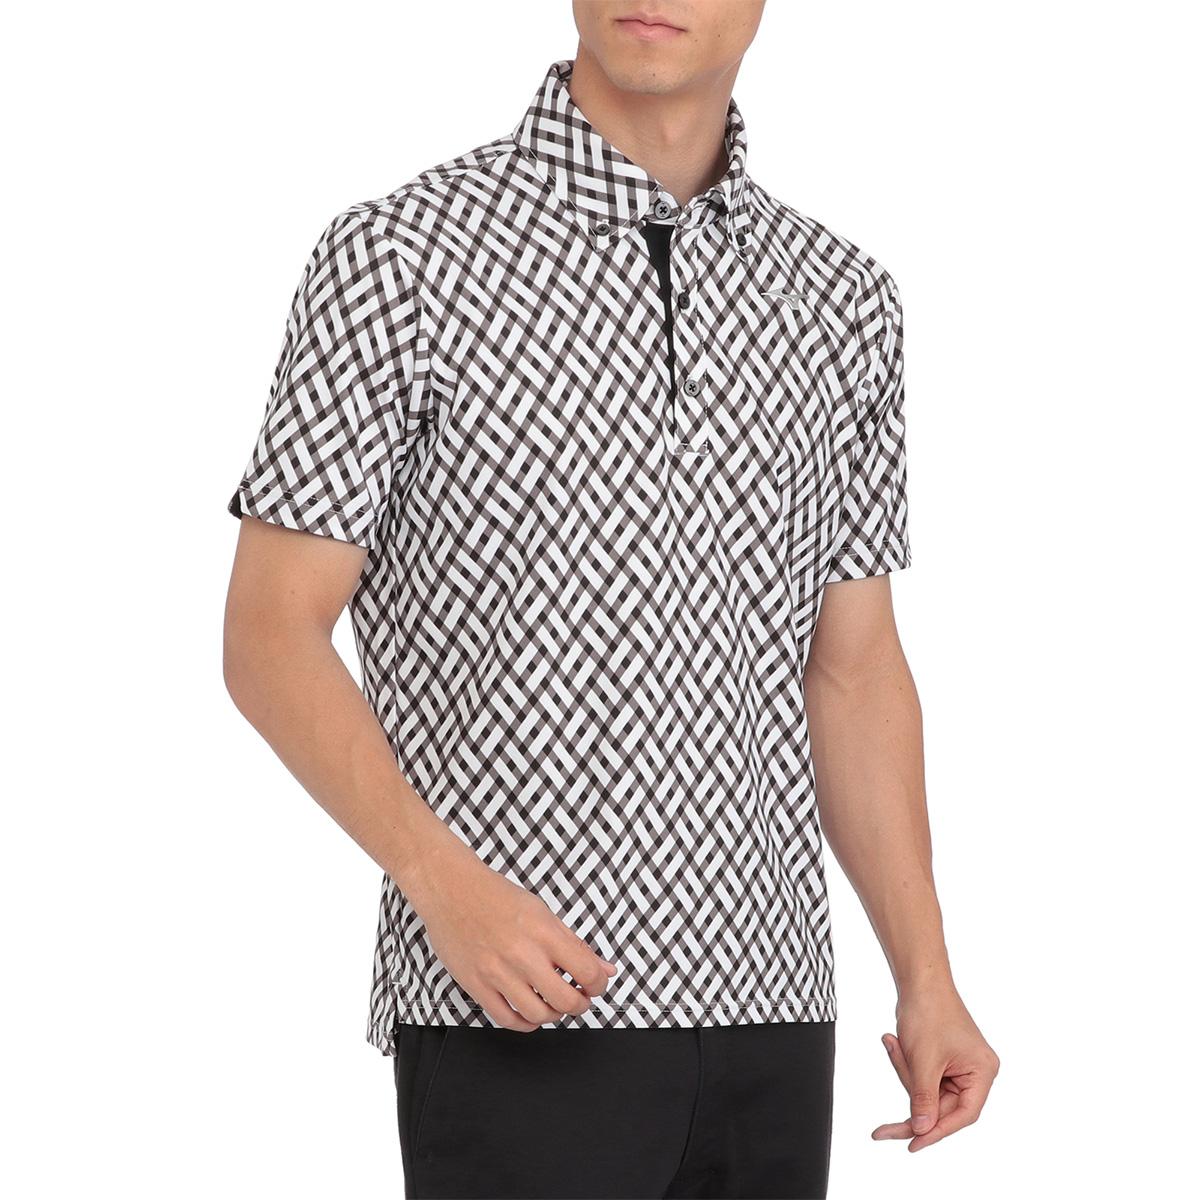 GOLF プリント柄ストレッチ半袖ポロシャツ